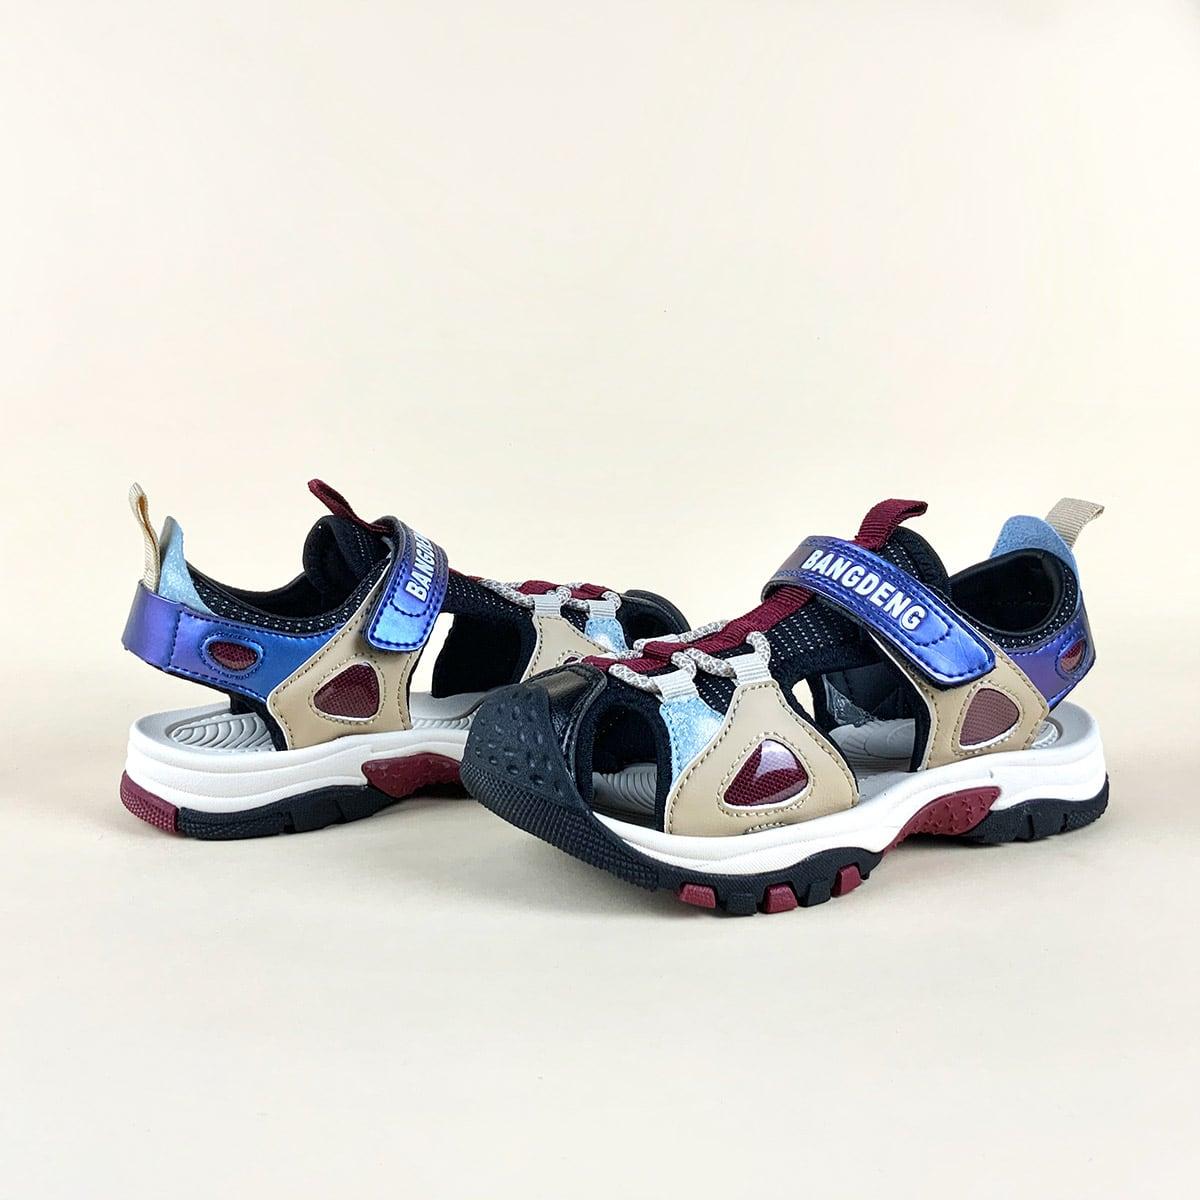 для мальчиков Спортивные сандалии с разрезом с текстовым принтом SheIn sk2108097686831917